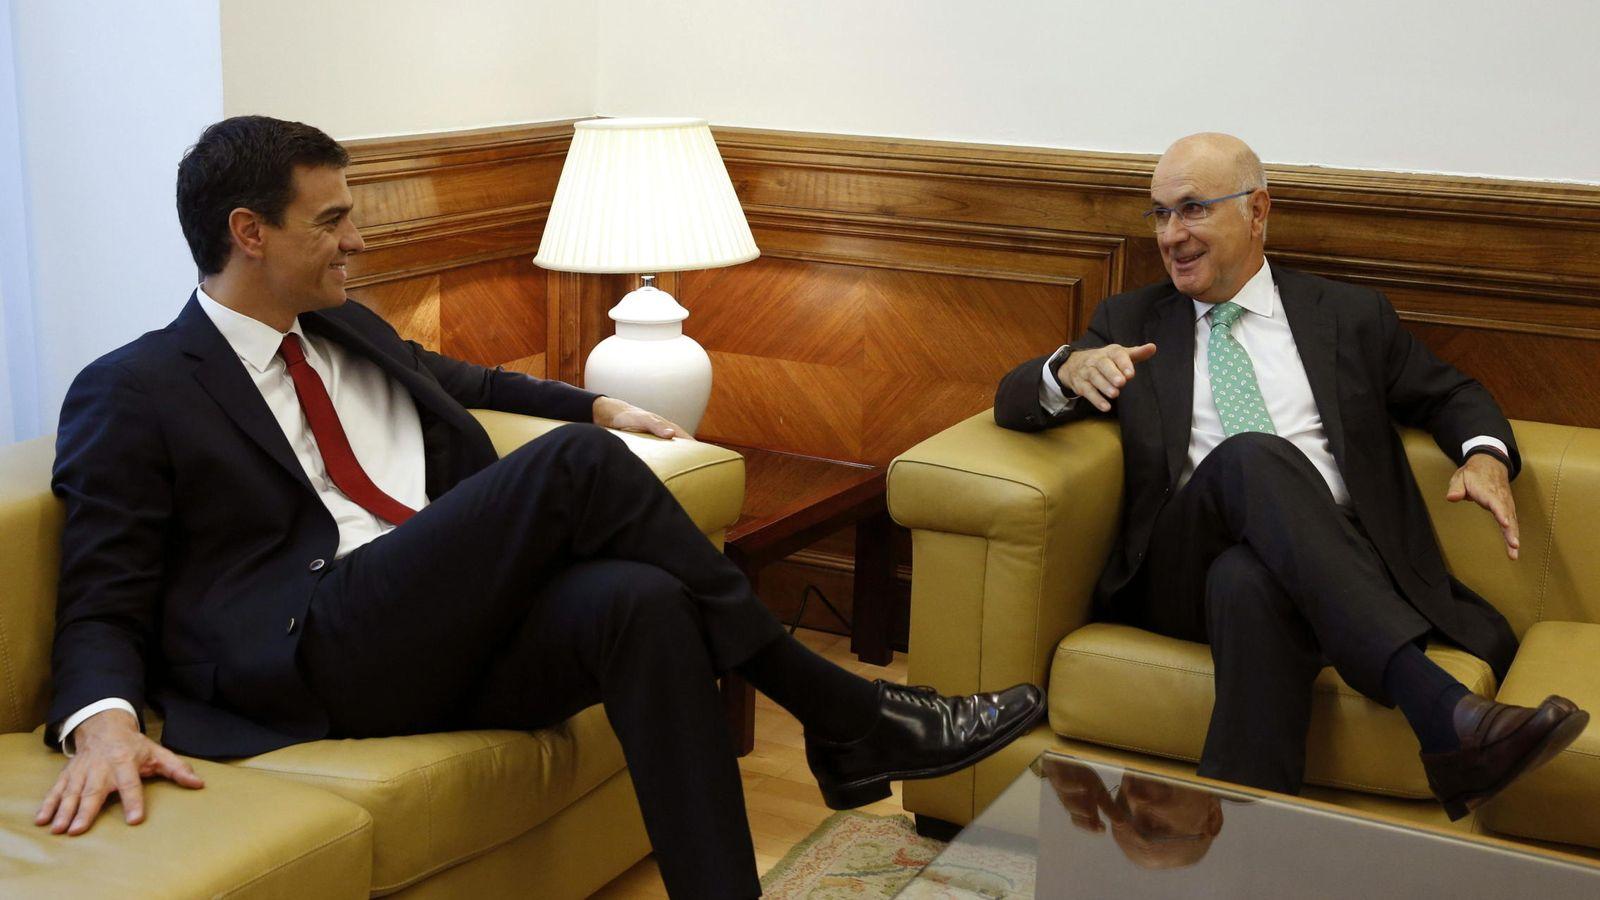 Foto: El secretario general del PSOE, Pedro Sánchez junto al líder de UDC, Josep Antoni Duran i Lleida. (Efe)